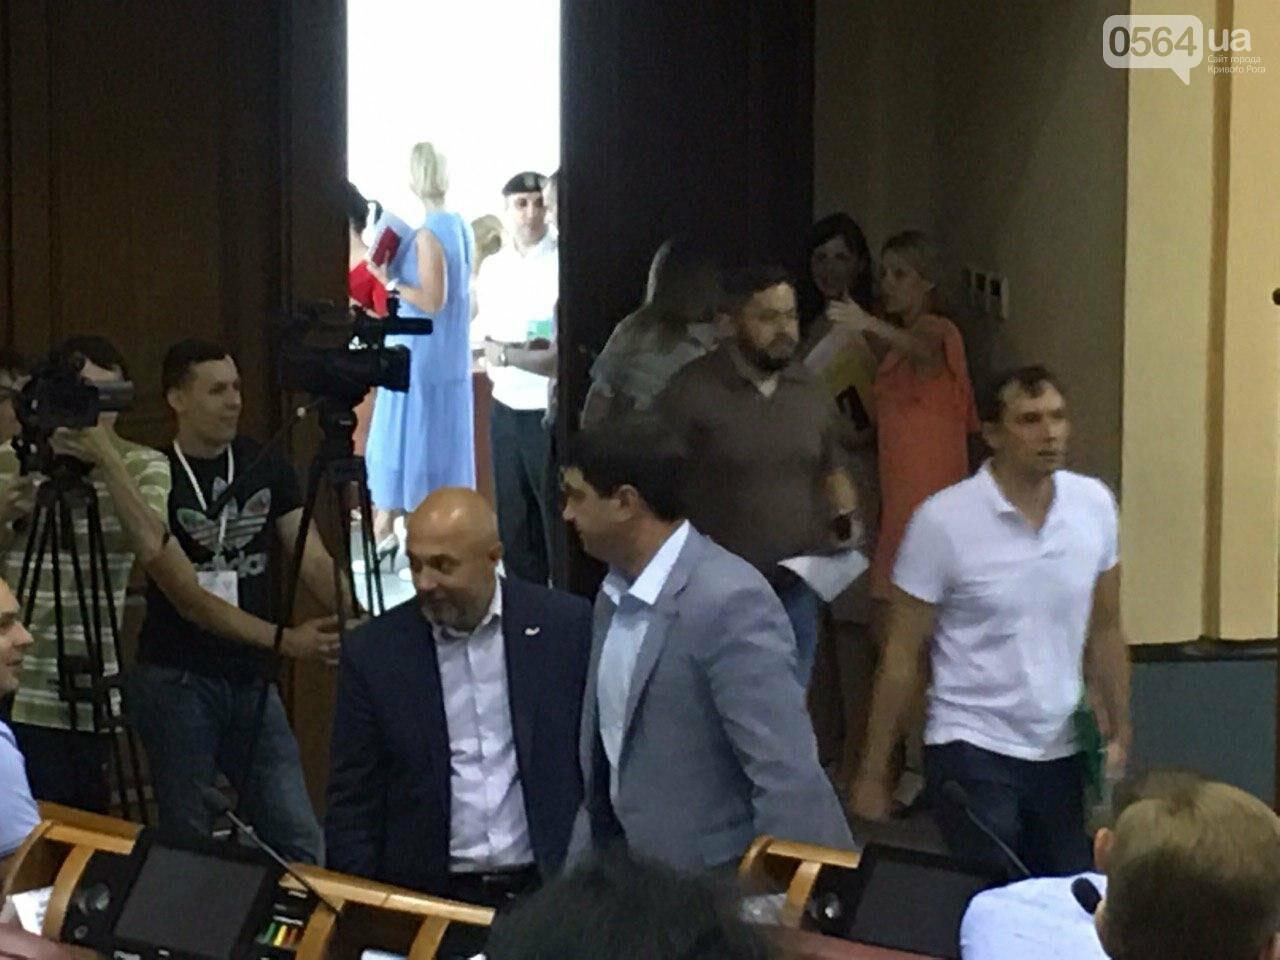 Депутат, который служит в зоне ООС, покинул фракцию Опоблока в Криворожском горсовете , - ФОТО, фото-3